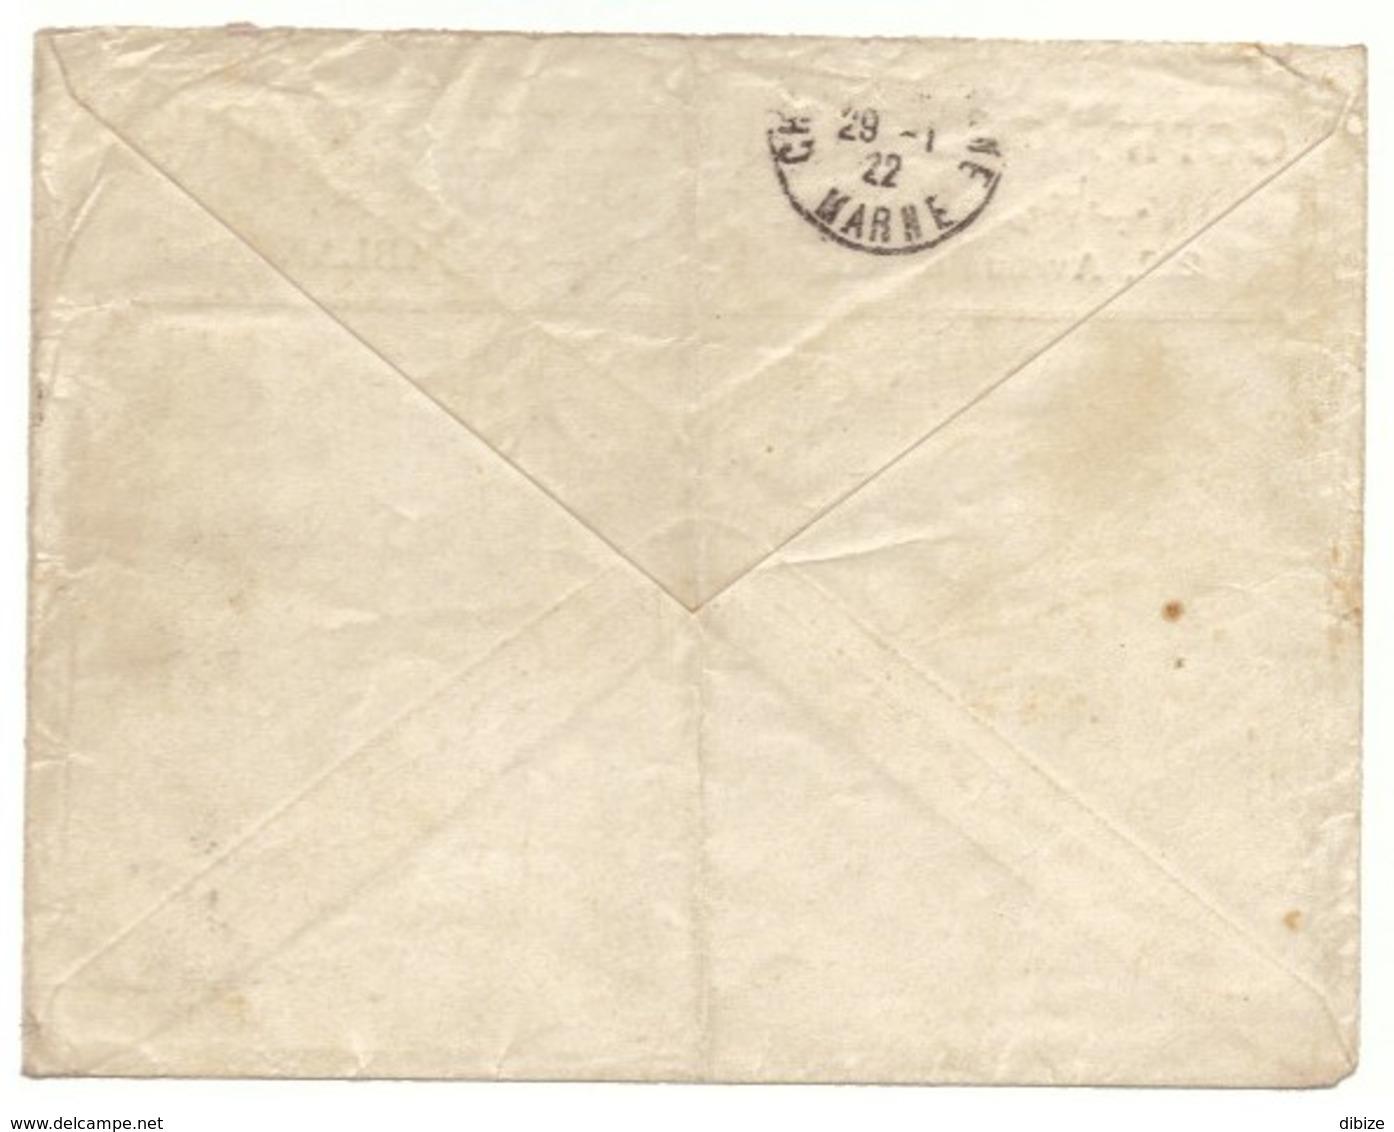 Lettre Commerciale Maroc Vers France 1922. Timbre Pour Poste Aérienne N° 4. Jolie Cote. Cachets Maroc Et France - Morocco (1891-1956)